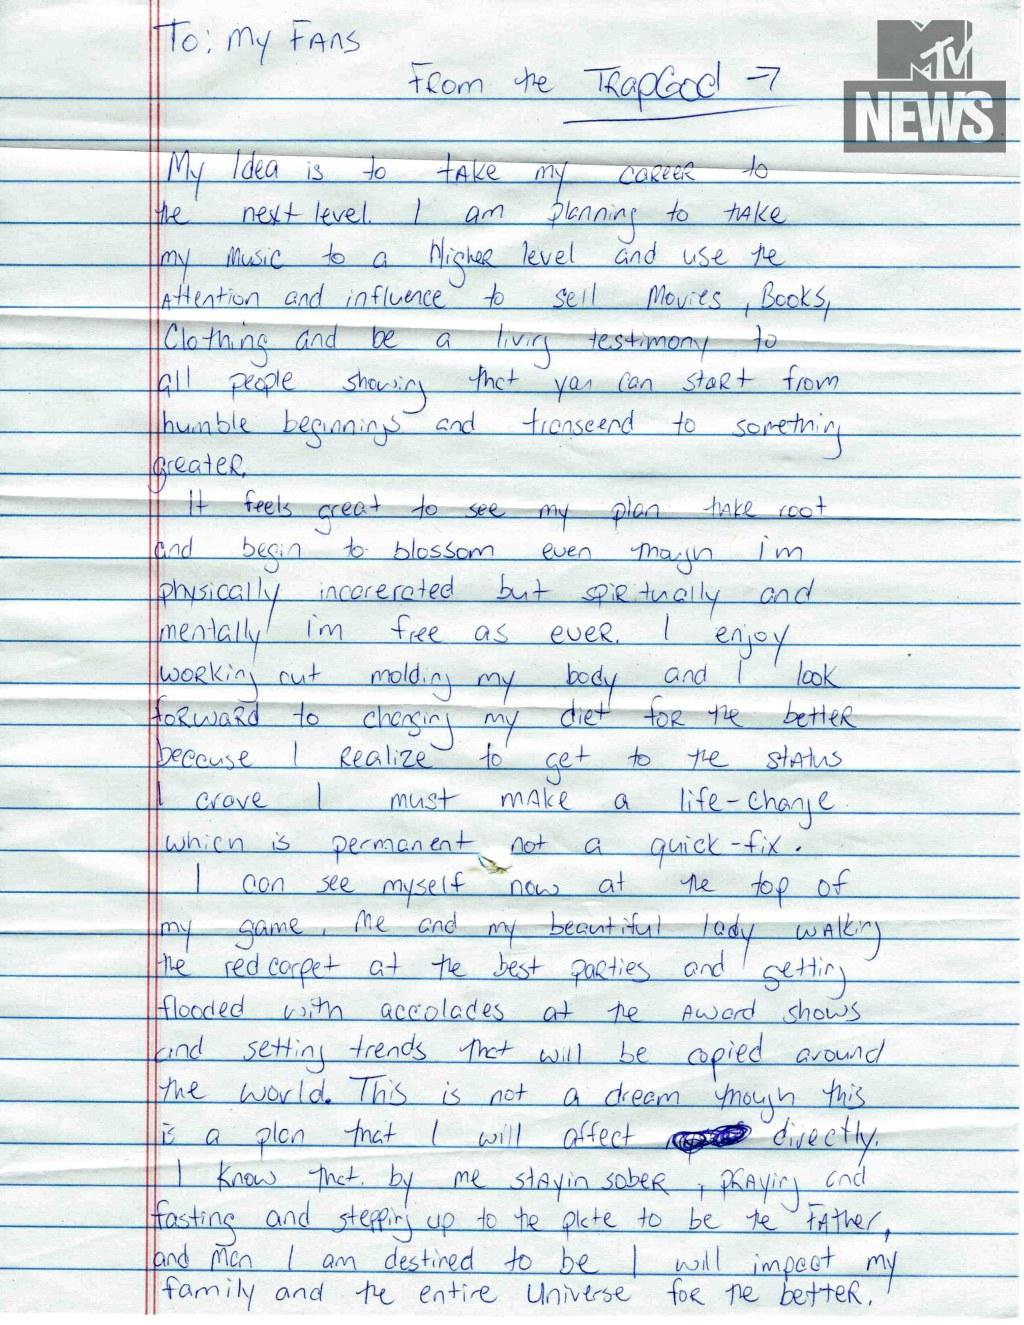 Gucci Mane letter